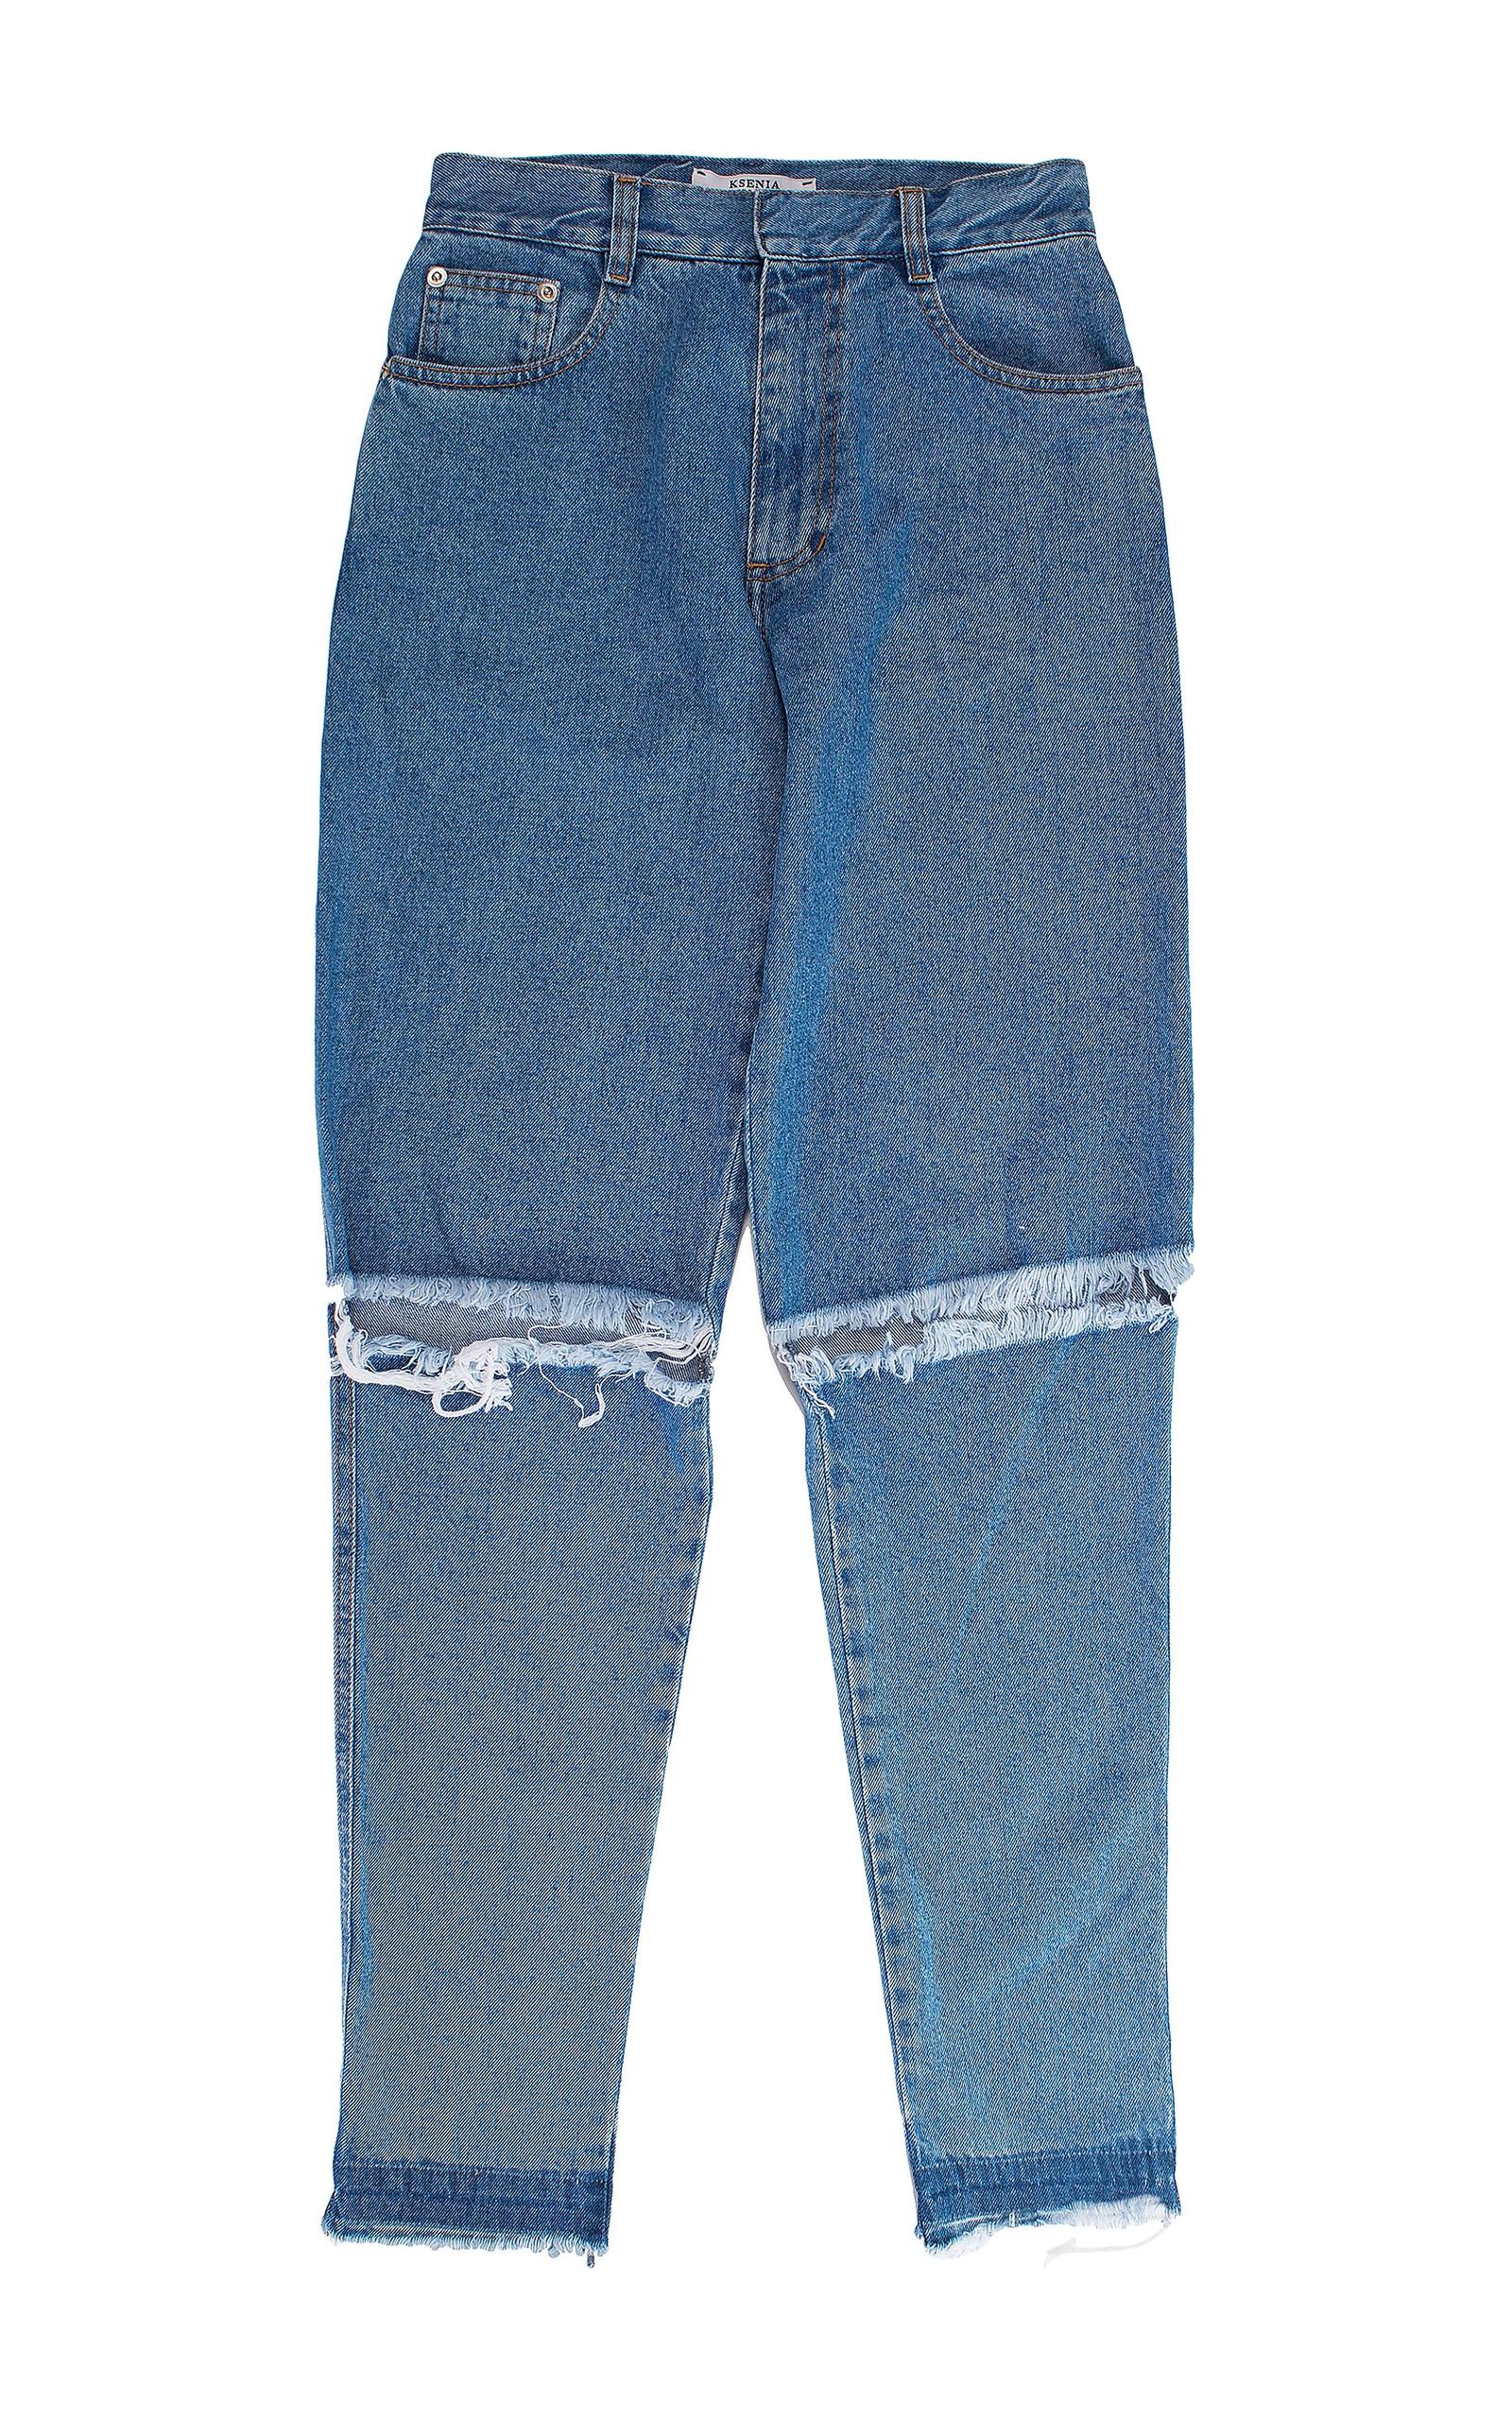 Ksenia Schnaider Demi-denims Wide High-rise Jeans In Blue